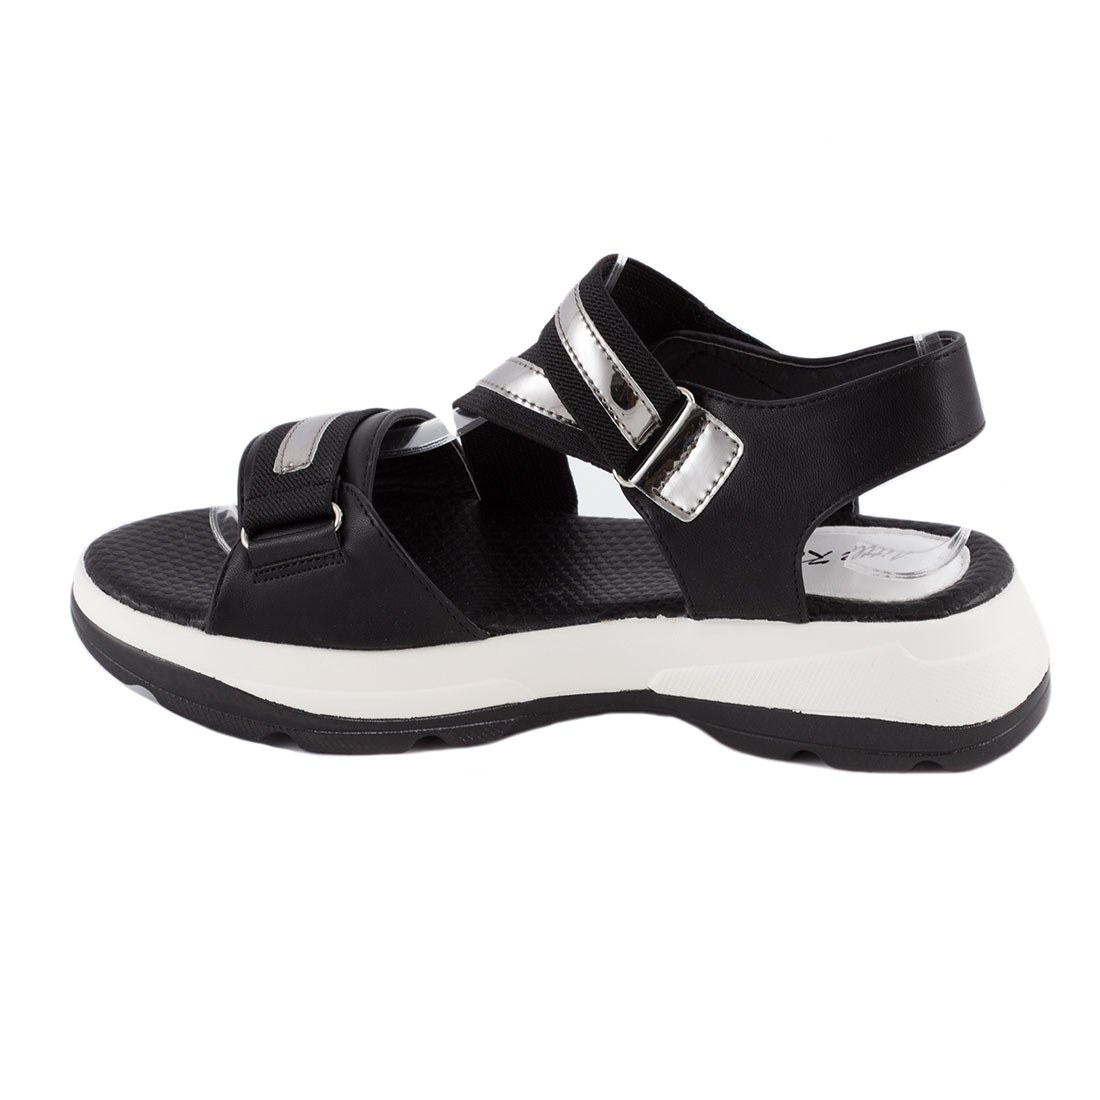 Sandale de dama comode GH380-NEGRU